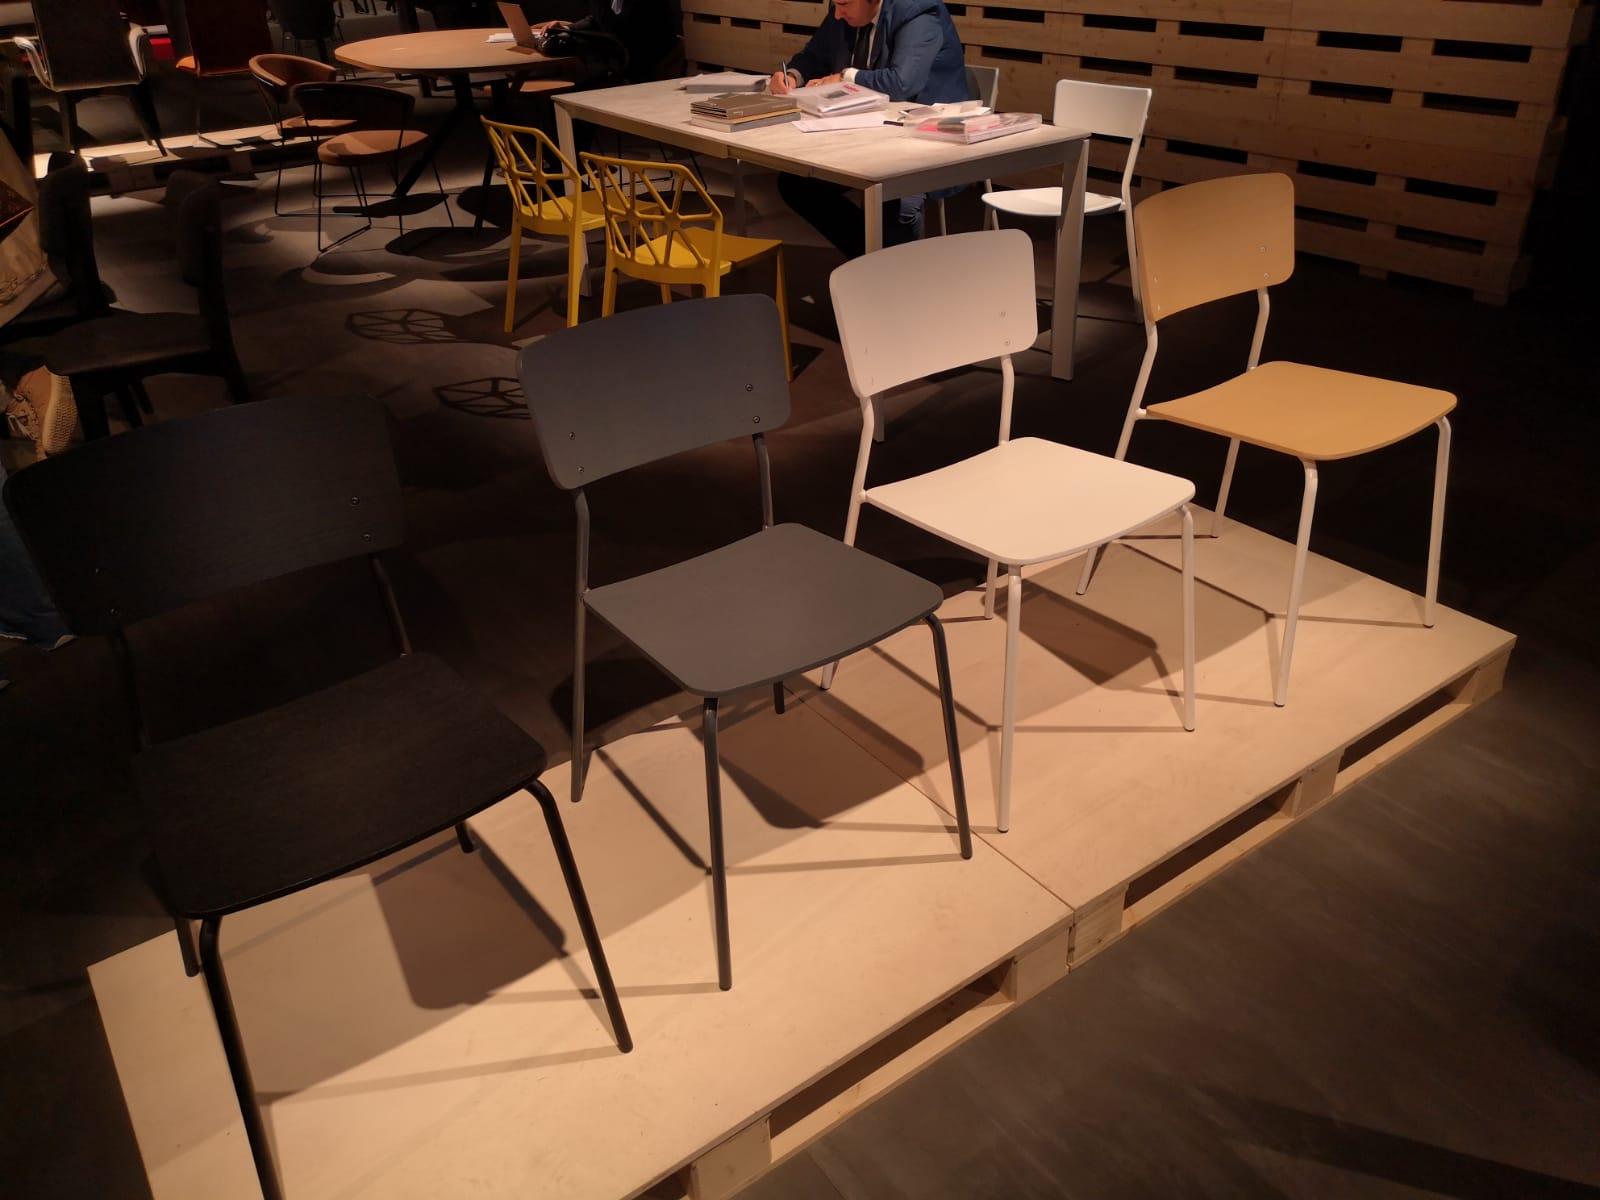 Negozi tavoli e sedie milano for Negozi mobili usati milano e provincia